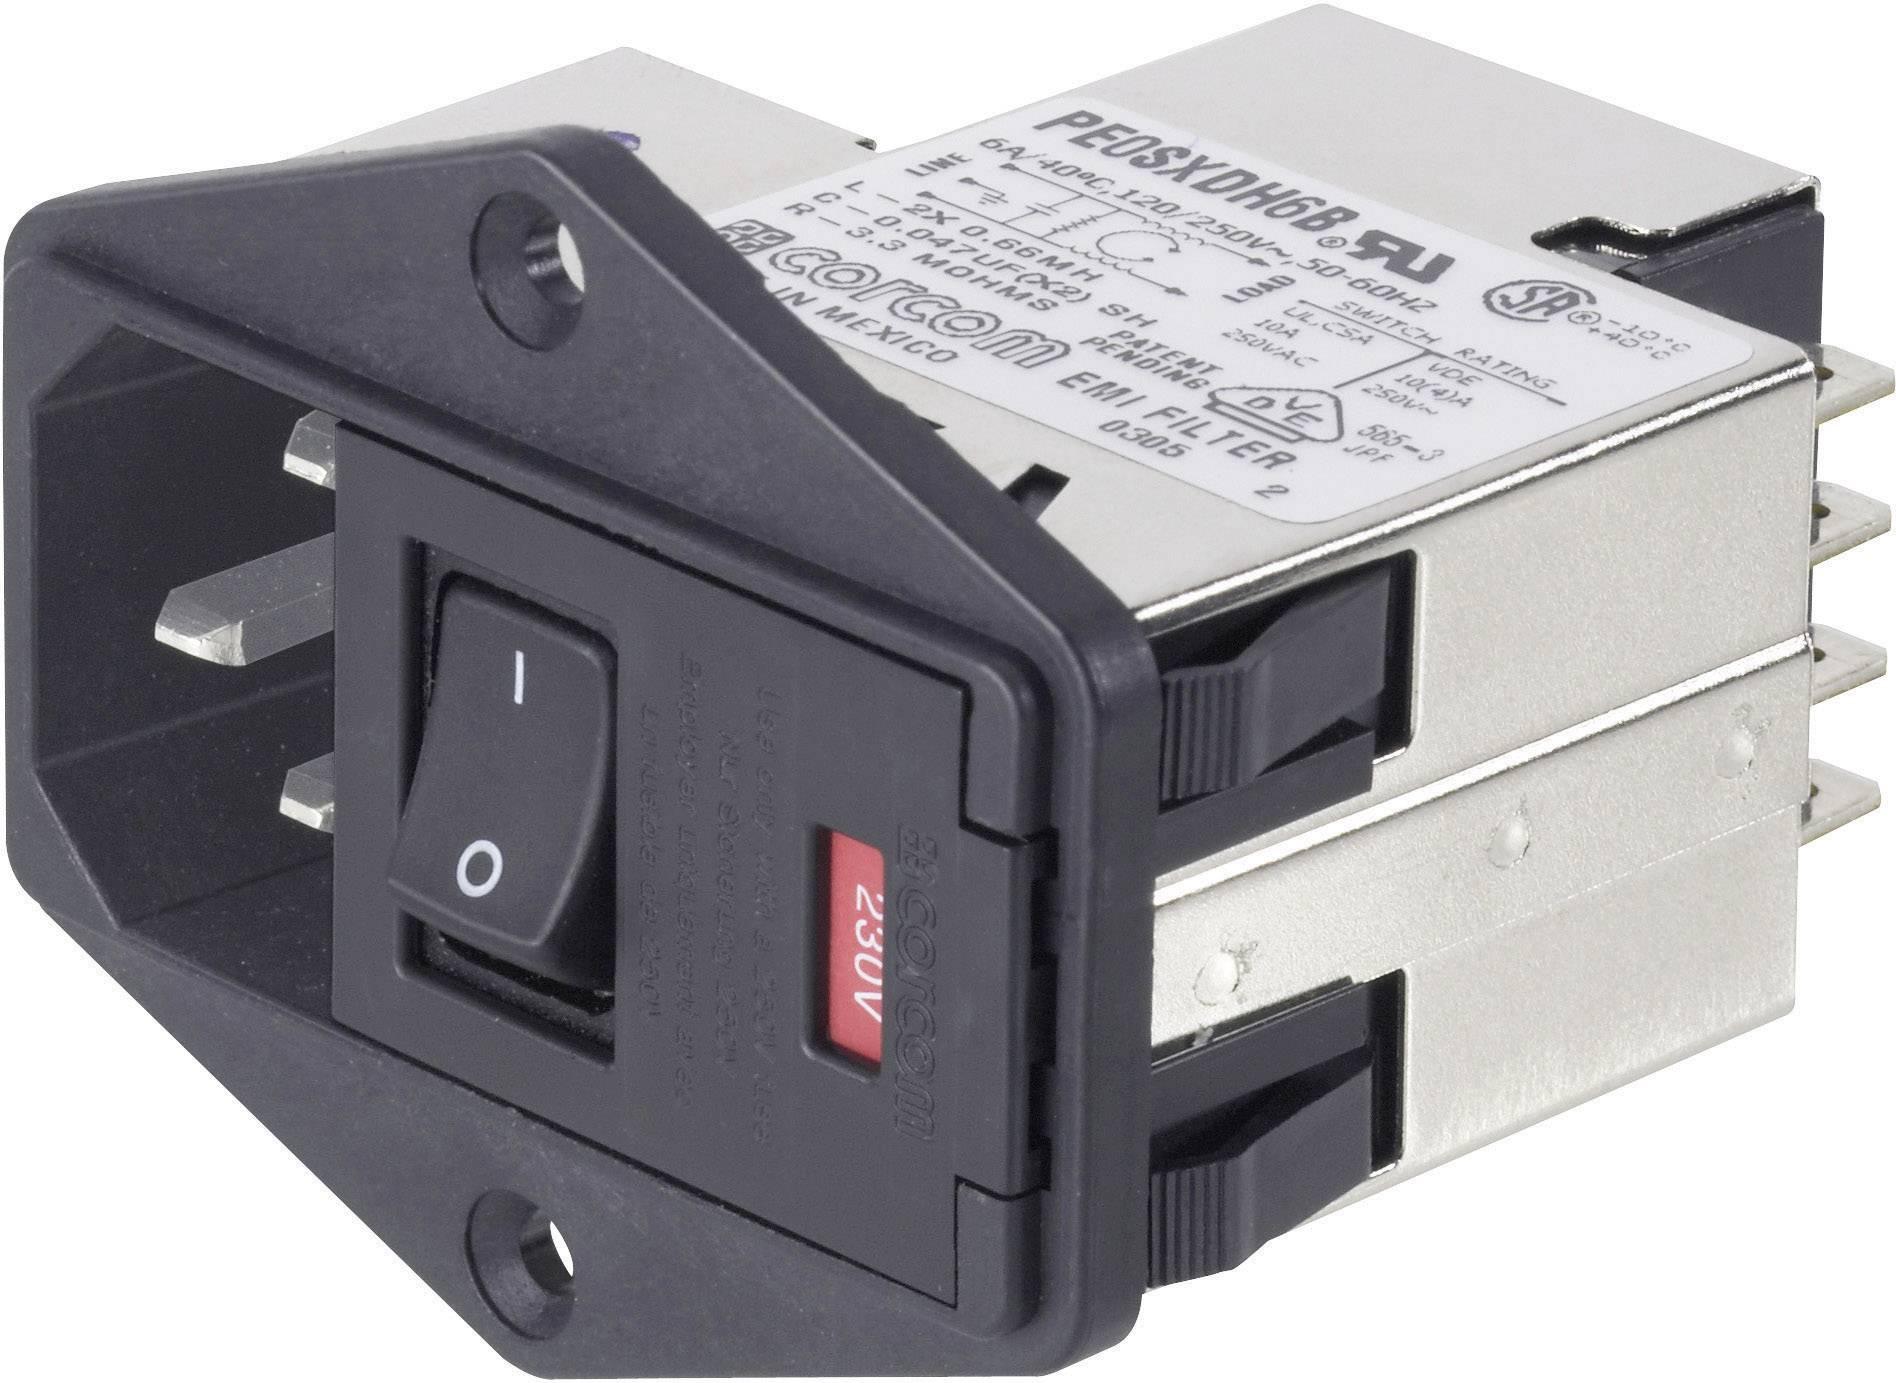 Sieťový filter TE Connectivity PE0S0DS3A=C1254 2-6609104-3, so spínačom, s dvoma poistkami, s IEC zásuvkou, 250 V/AC, 3 A, 1 ks